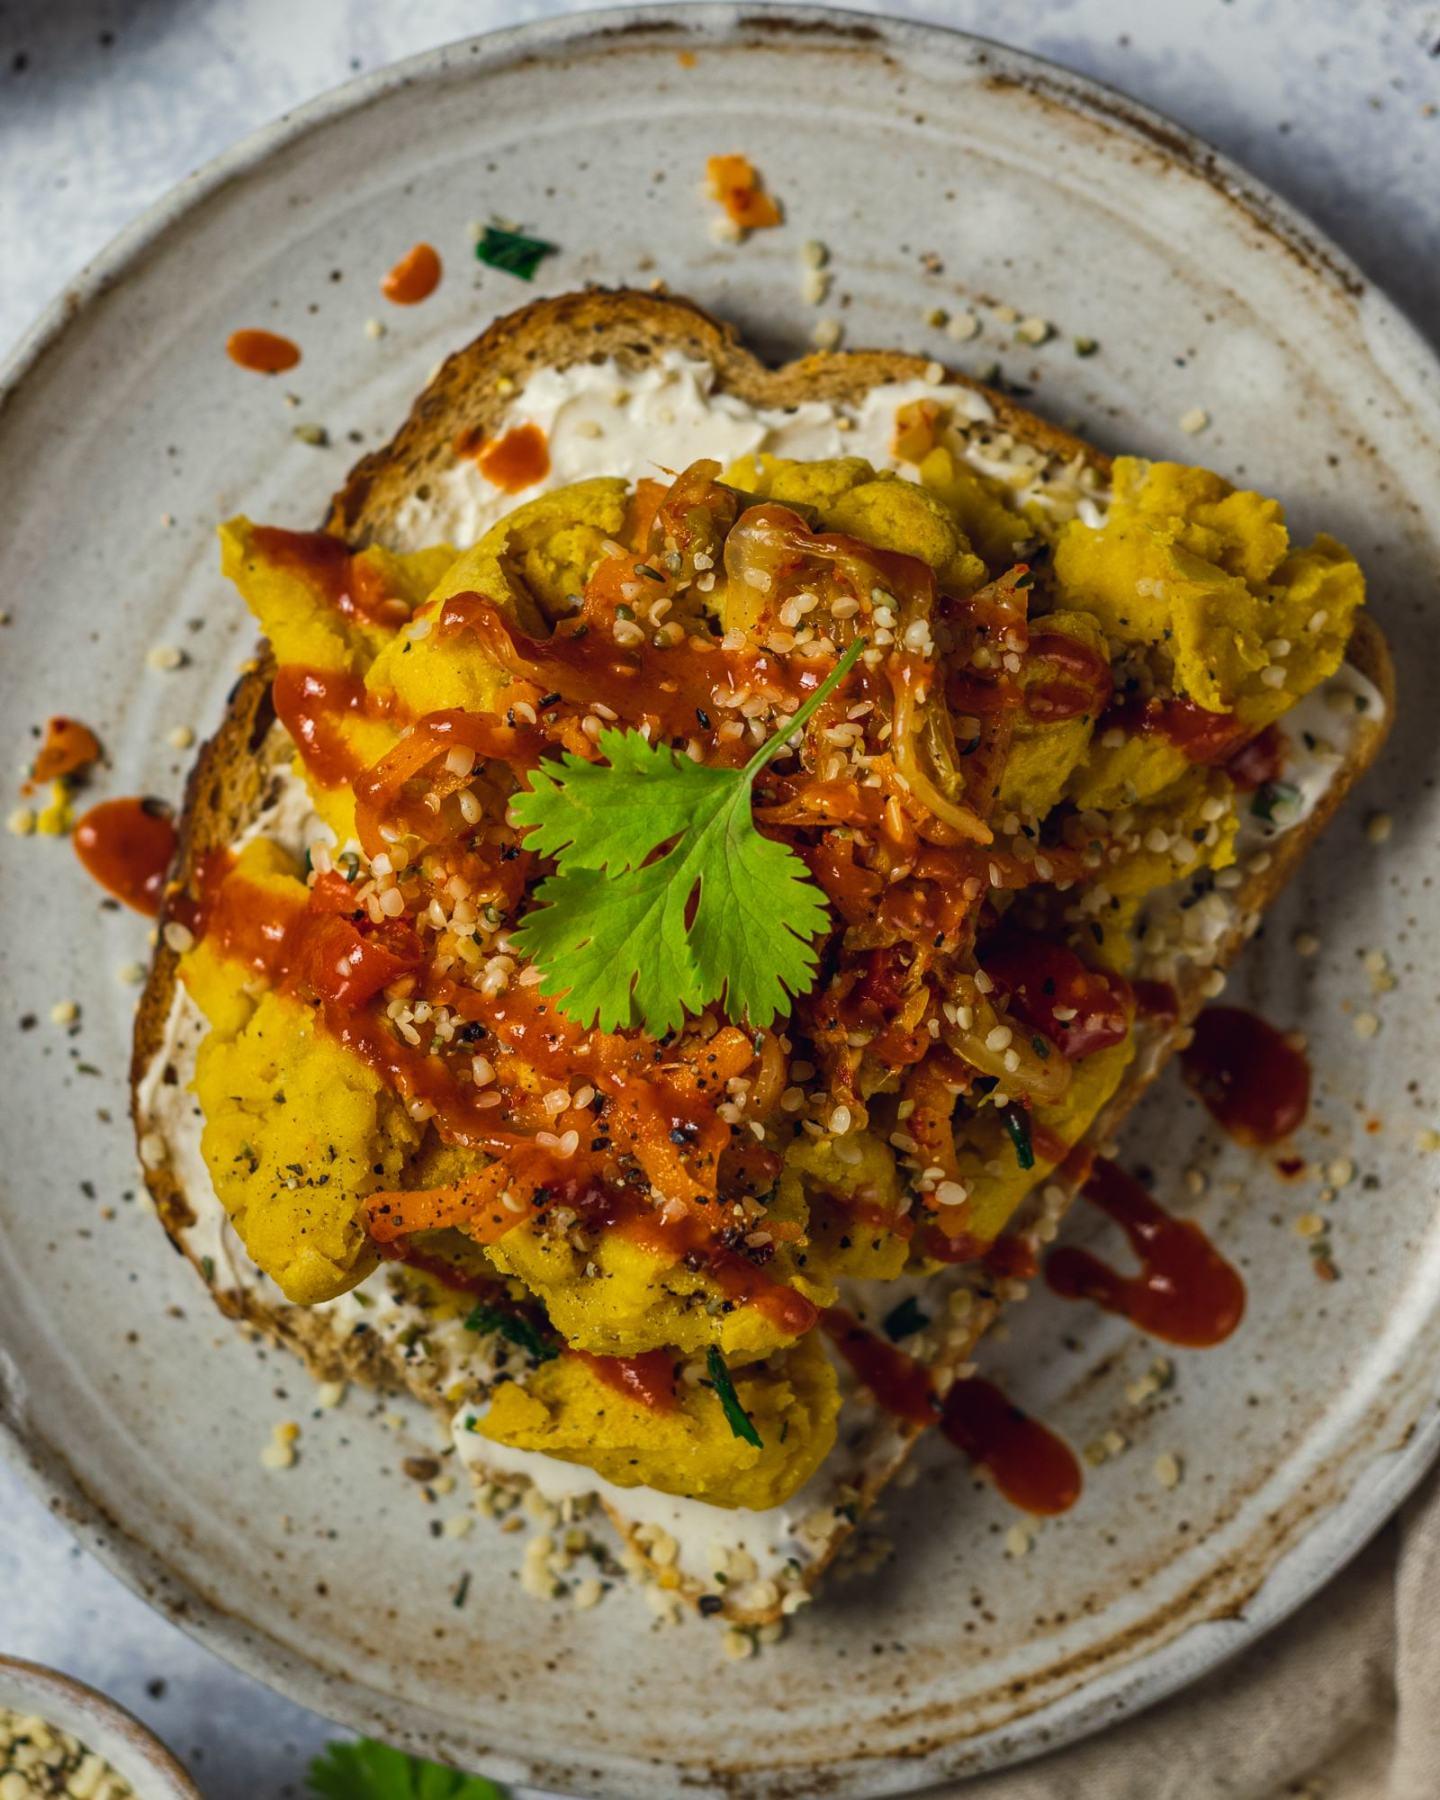 Easy Vegan Scrambled Eggs (No Tofu)